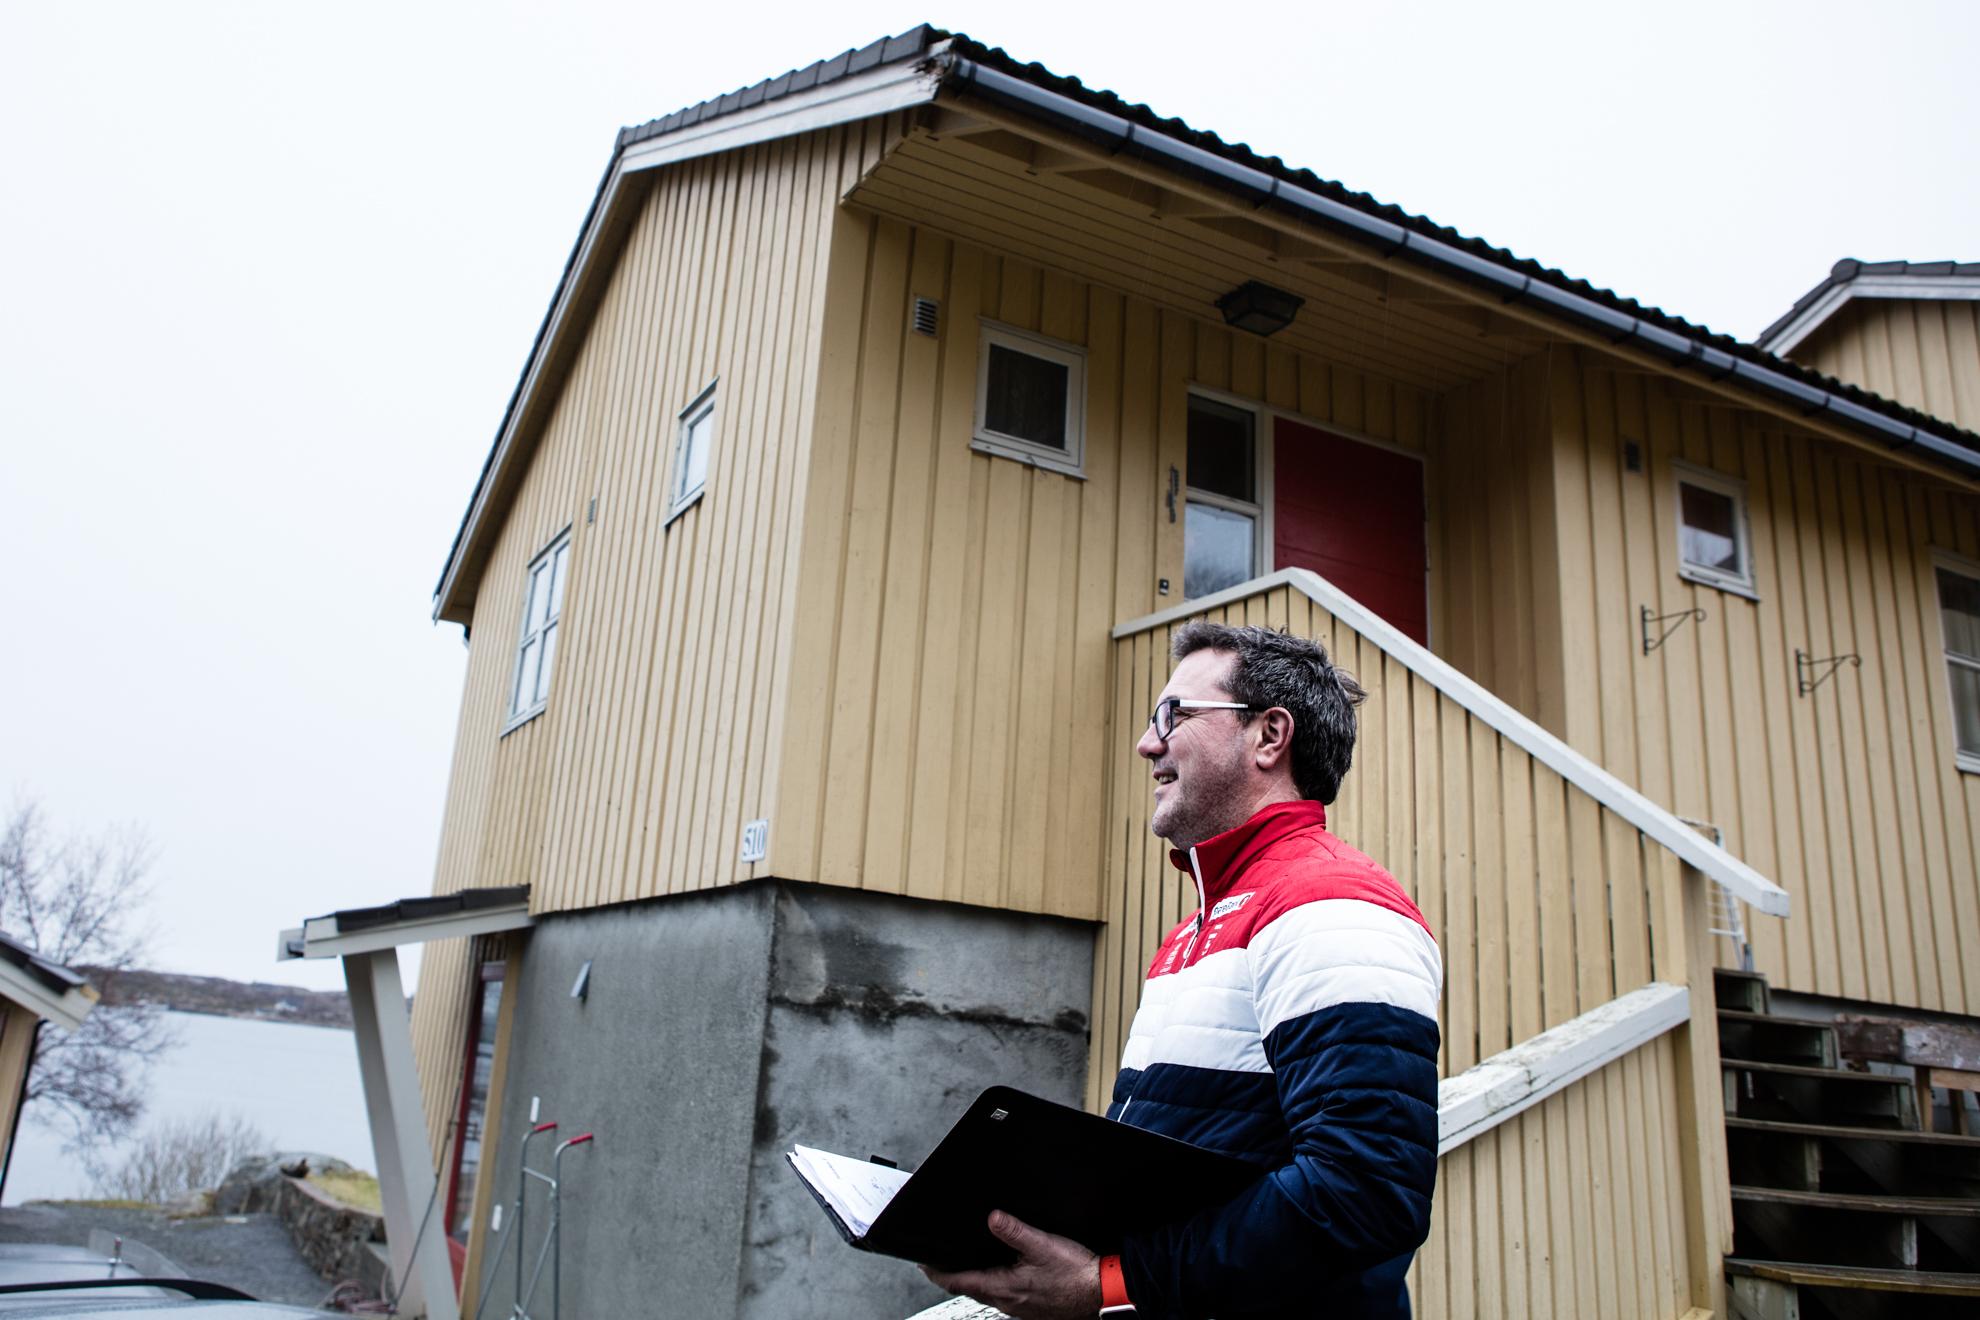 TidForRom er så mye mer enn et bad. Derfor var det stor spenning knyttet til Eiendomsmegler 1´s besøk i Melandsjøveien 510.